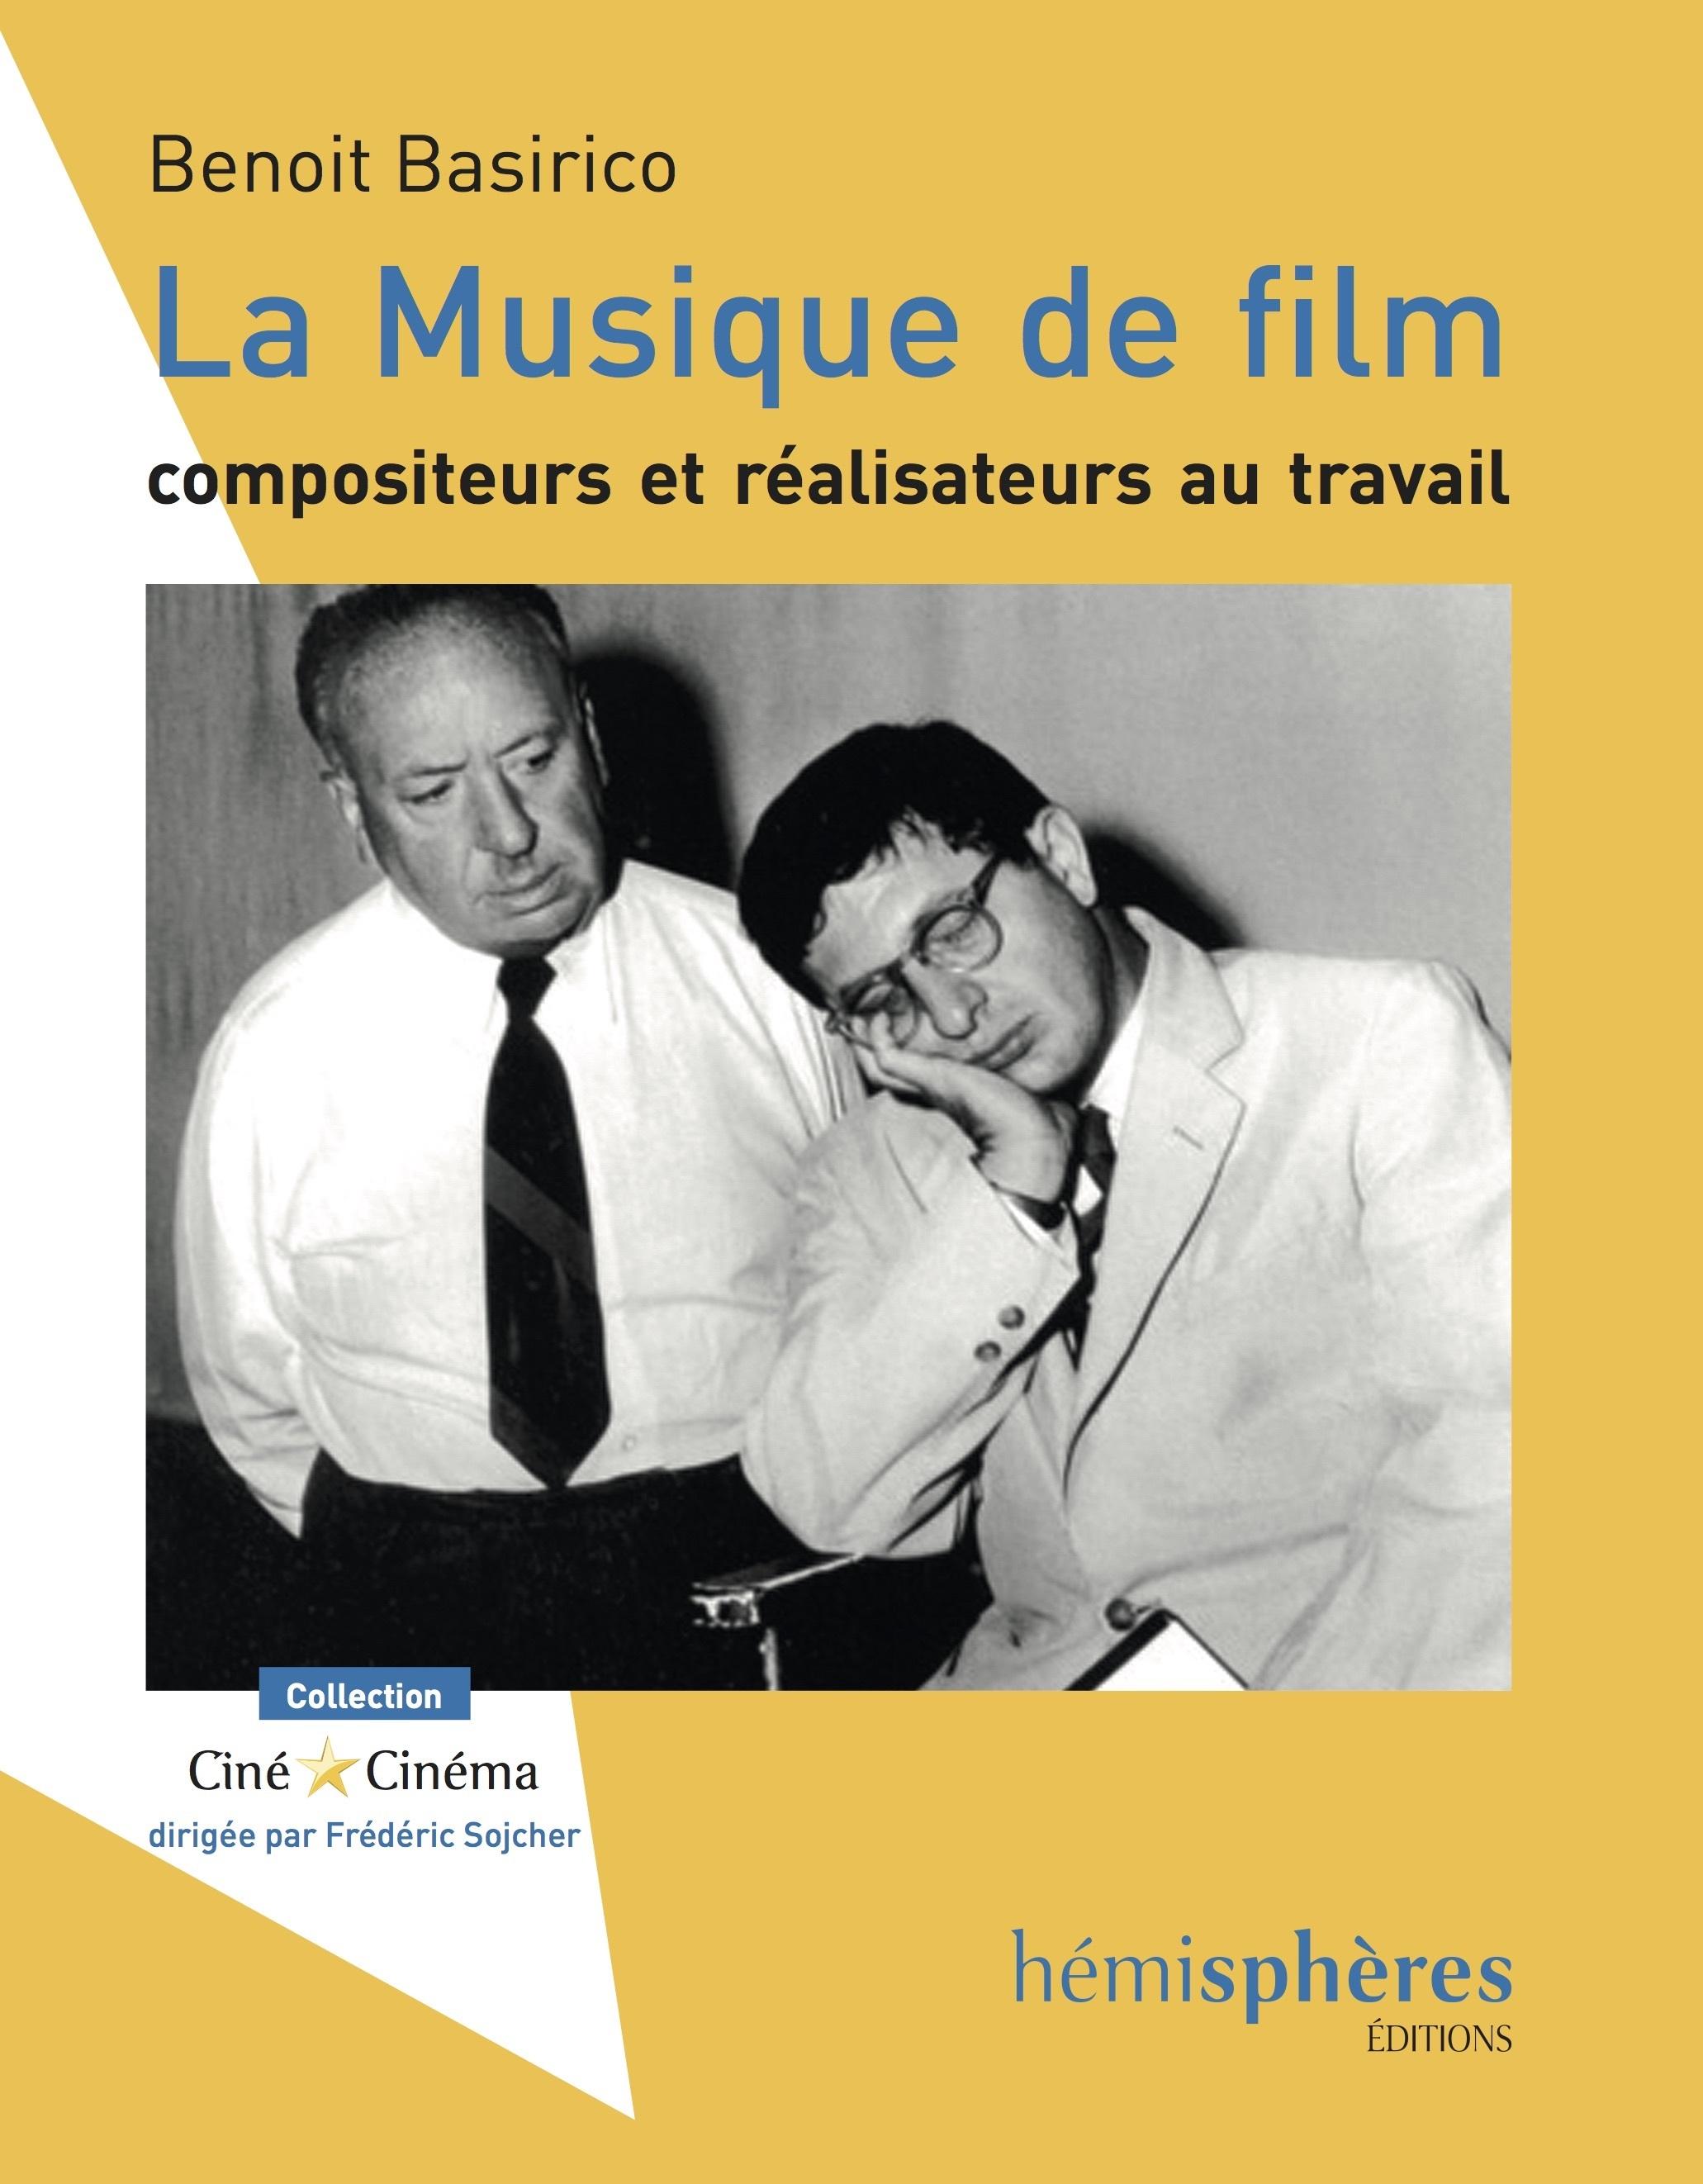 LA MUSIQUE DE FILM  - COMPOSITEURS ET REALISATEURS AU TRAVAIL